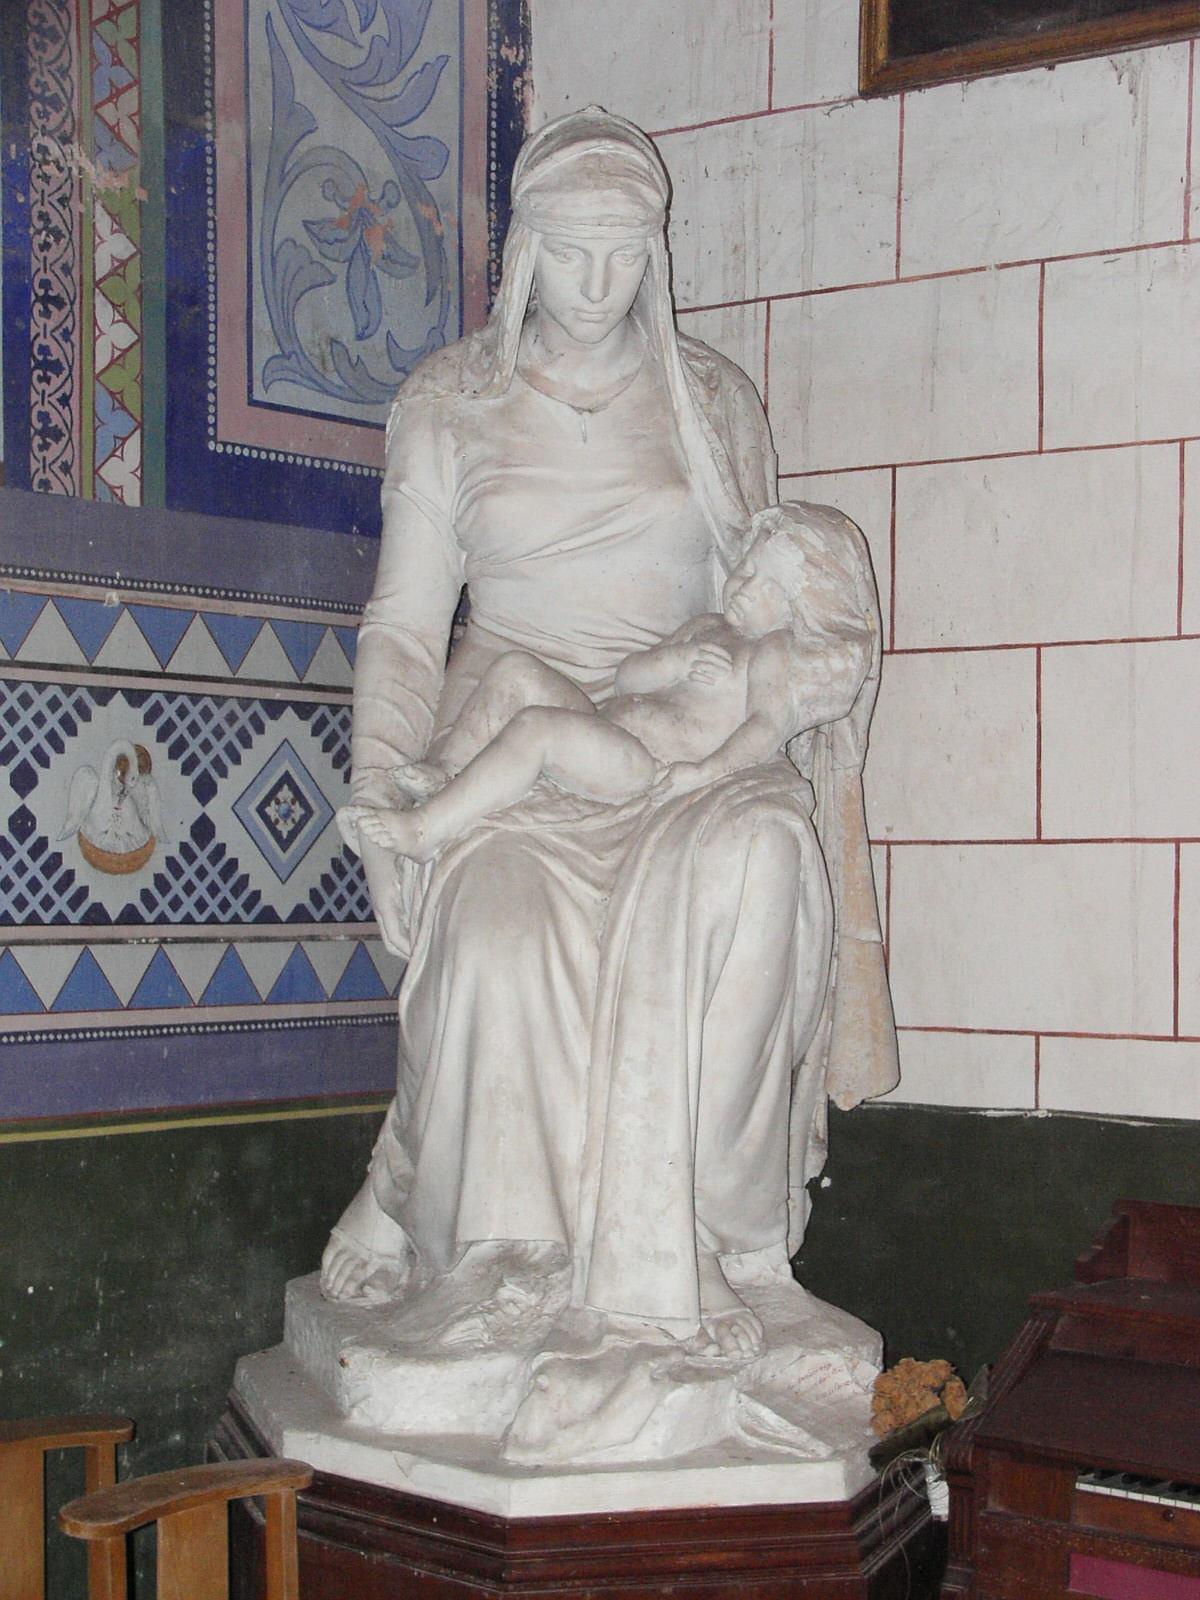 Saint Michel de Chavaignes en 2005 - Eglise Saint Michel 28 (Menu Christophe dit Tahiti)